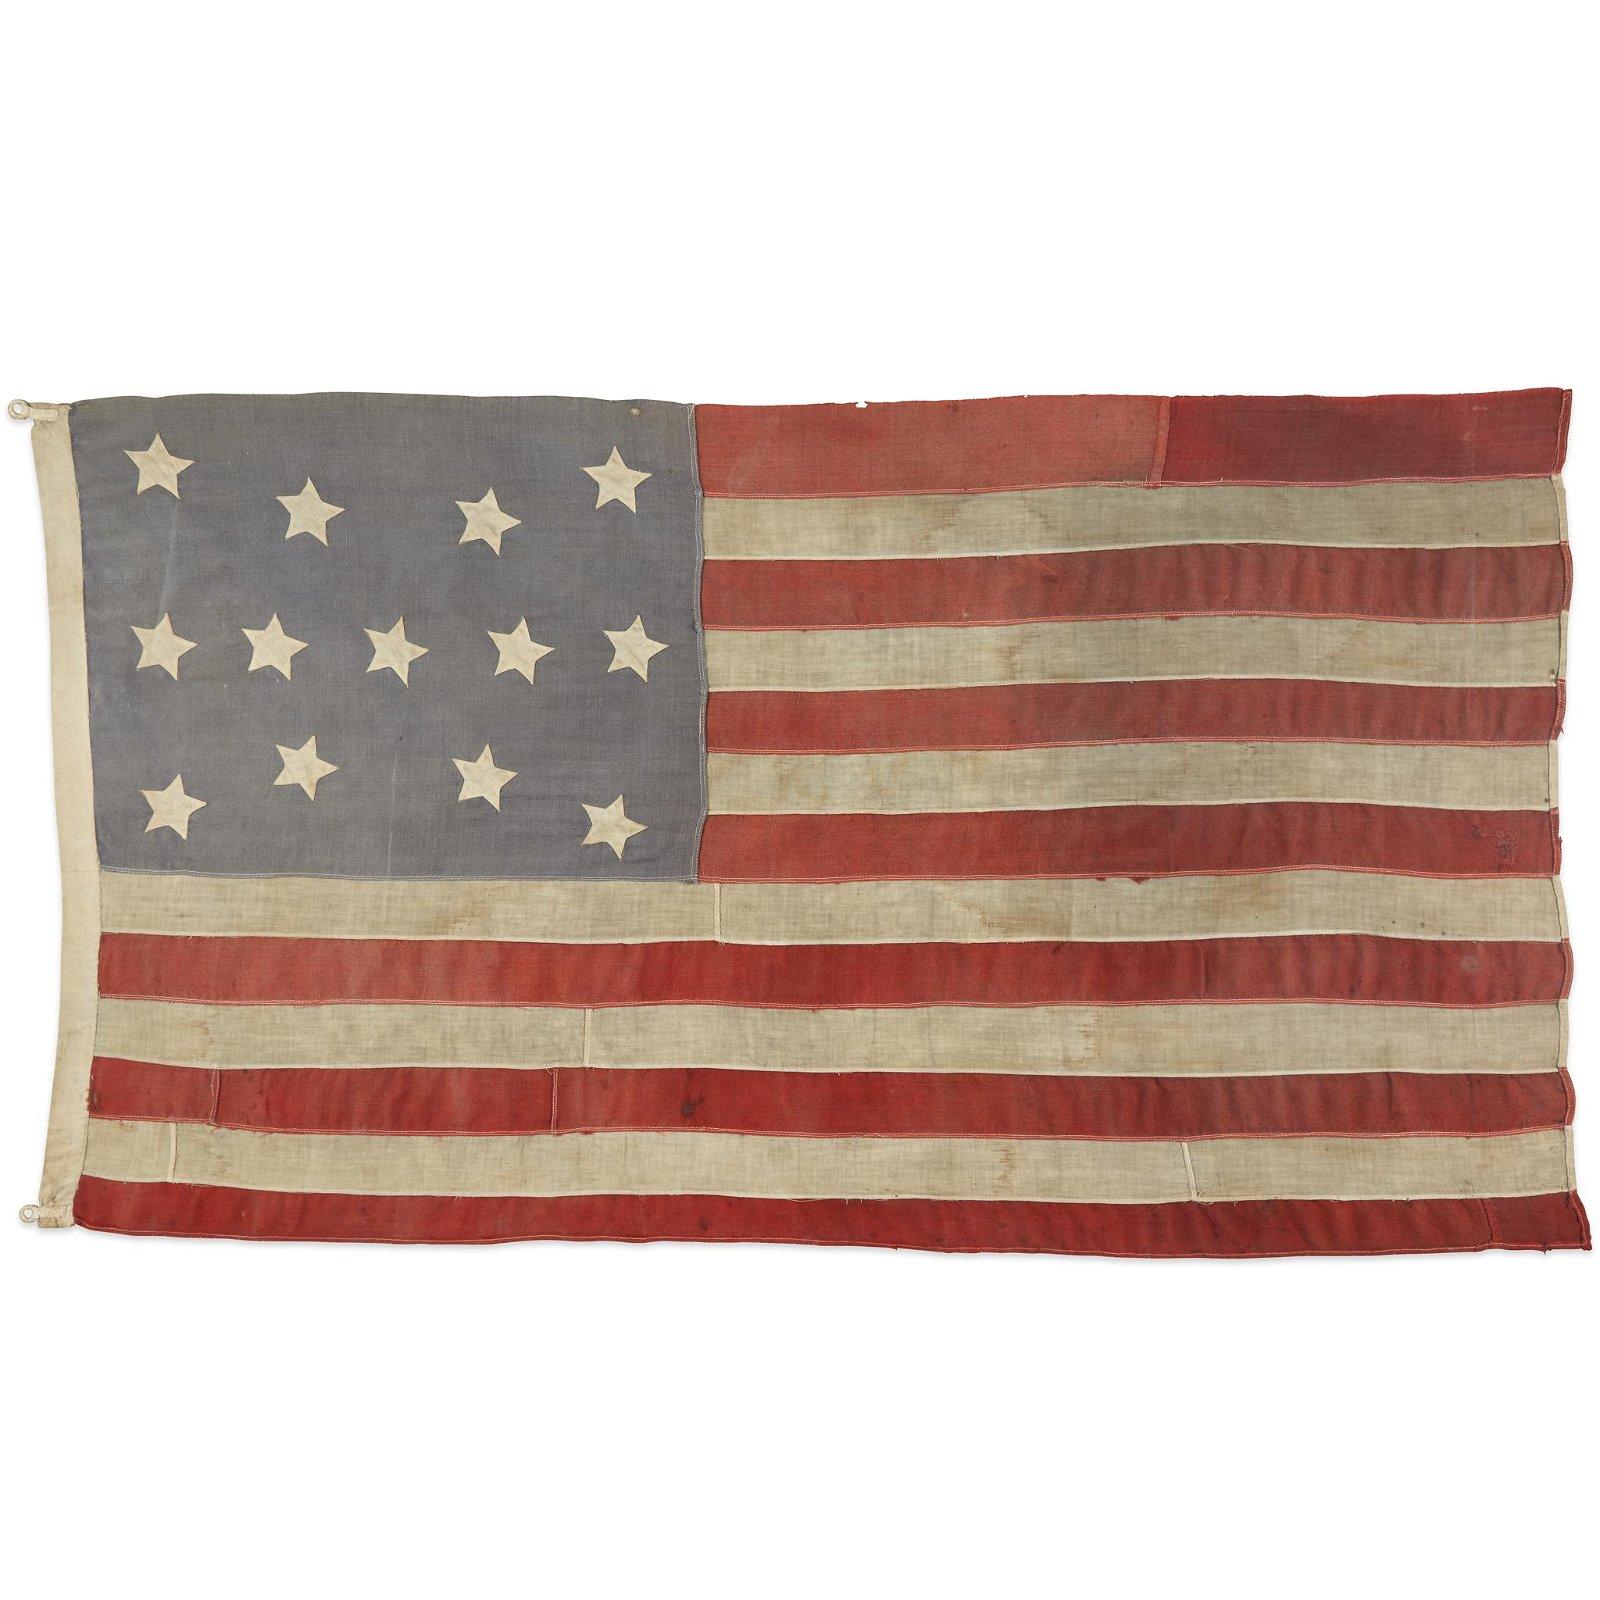 A 13-Star American Flag, circa 1865